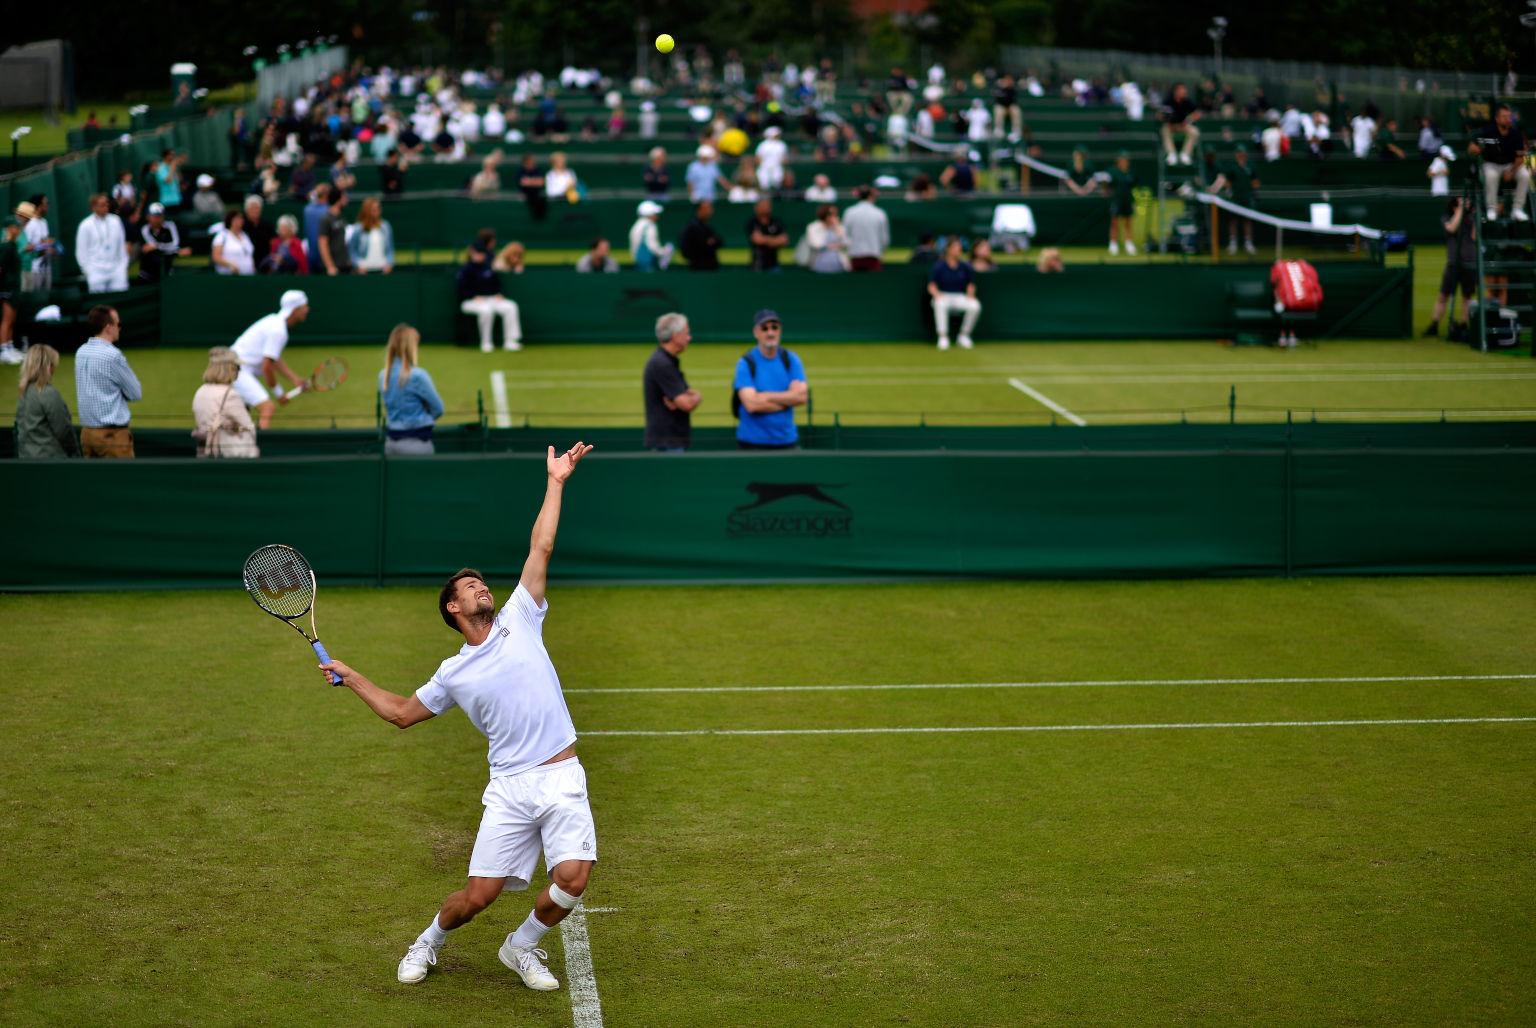 """Wimbledon-Qualifikation in Roehampton. Gleichzeitig laufen die """"Luxus-Events"""" im Stoke Park und in Hurlingham. In kaum einer Woche wird die Zweiklassengesellschaft im Tennissport so deutlich wie in der Woche vor Wimbledon."""